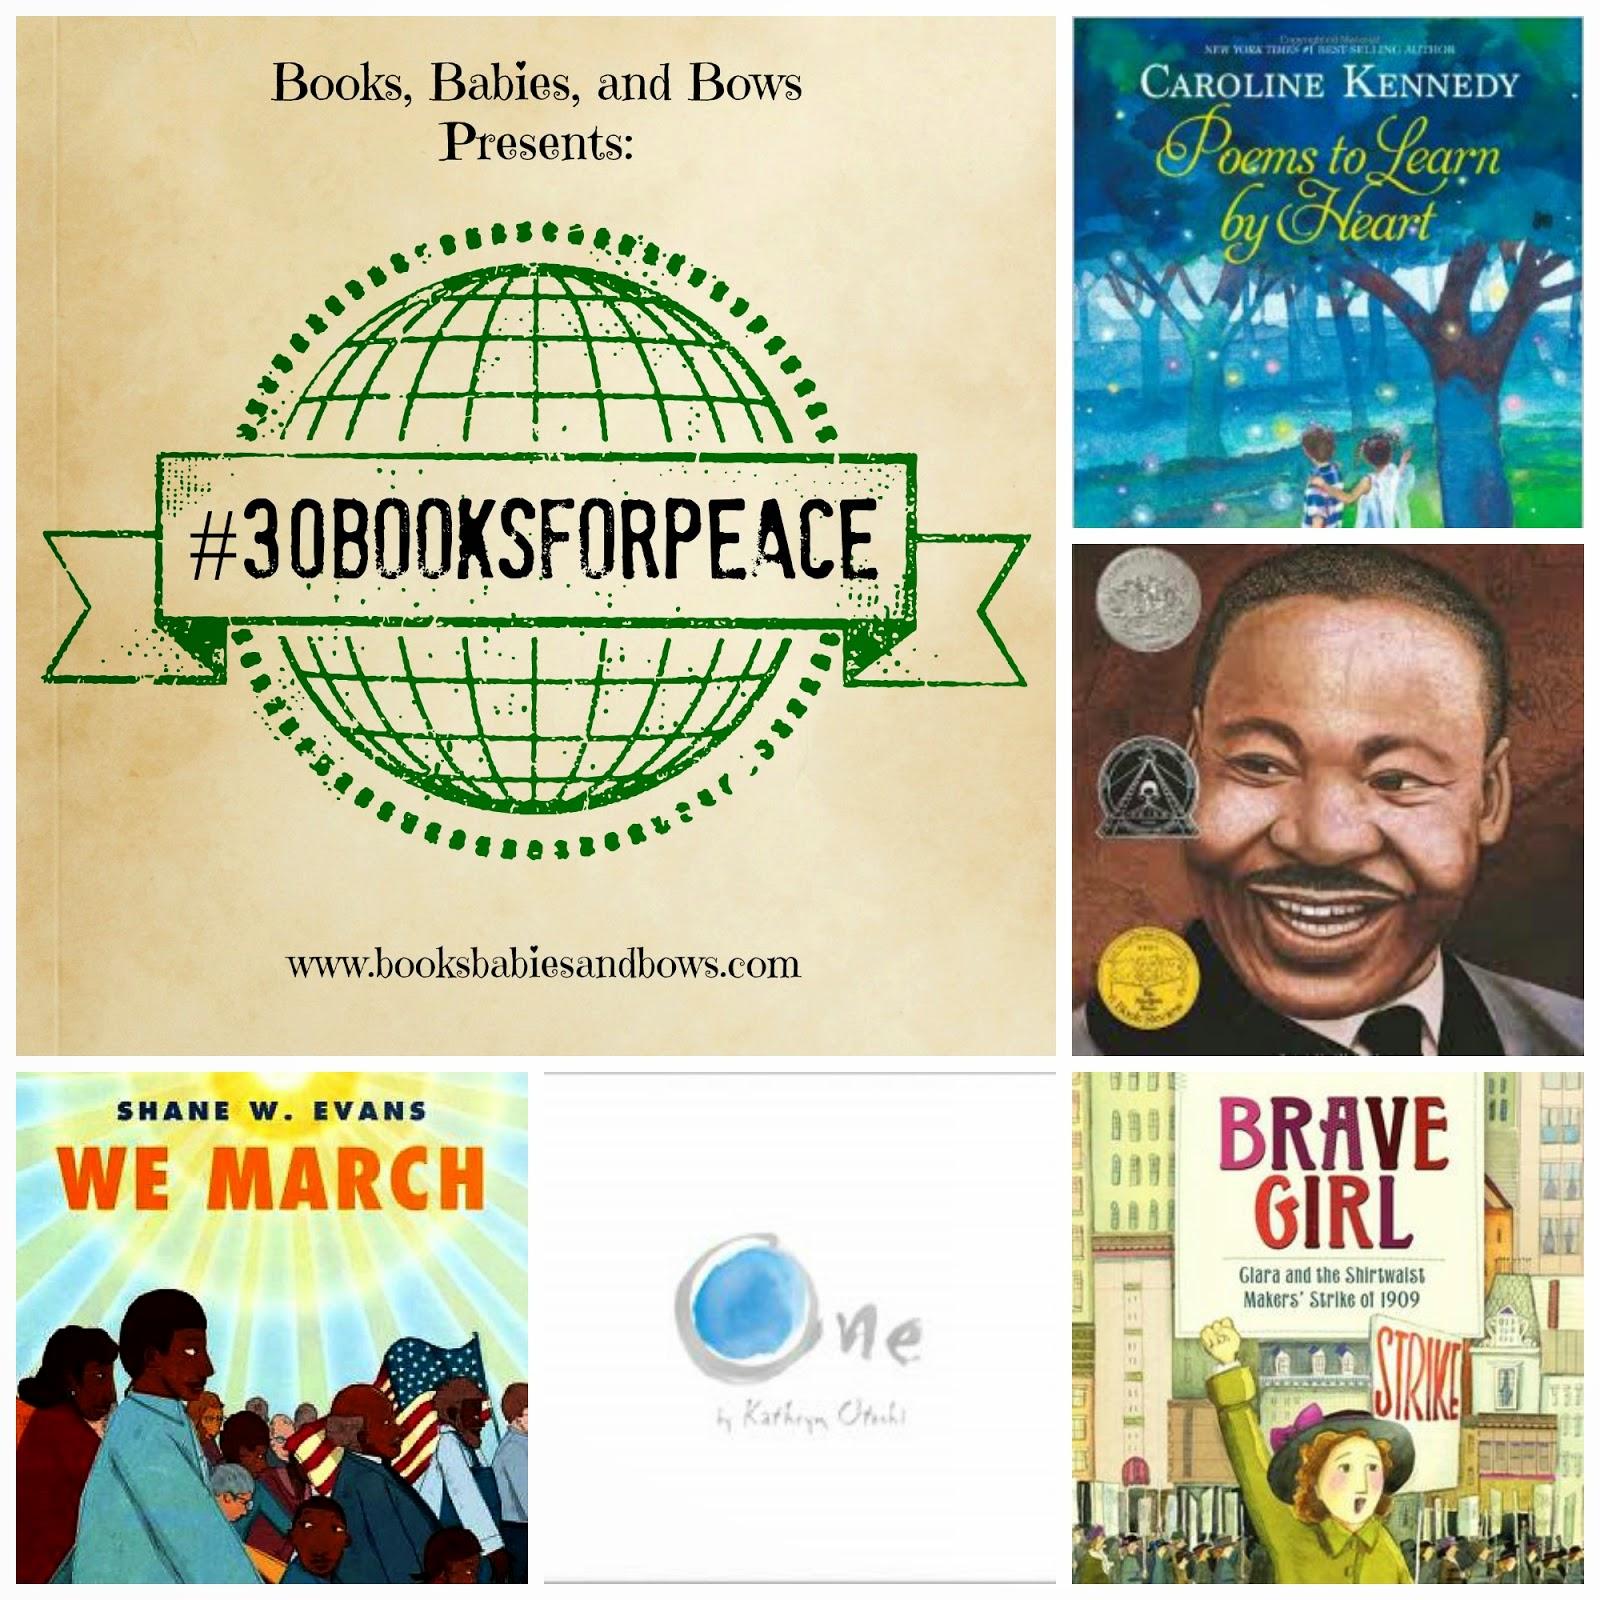 http://www.booksbabiesandbows.com/2014/08/30booksforpeace-part-1.html